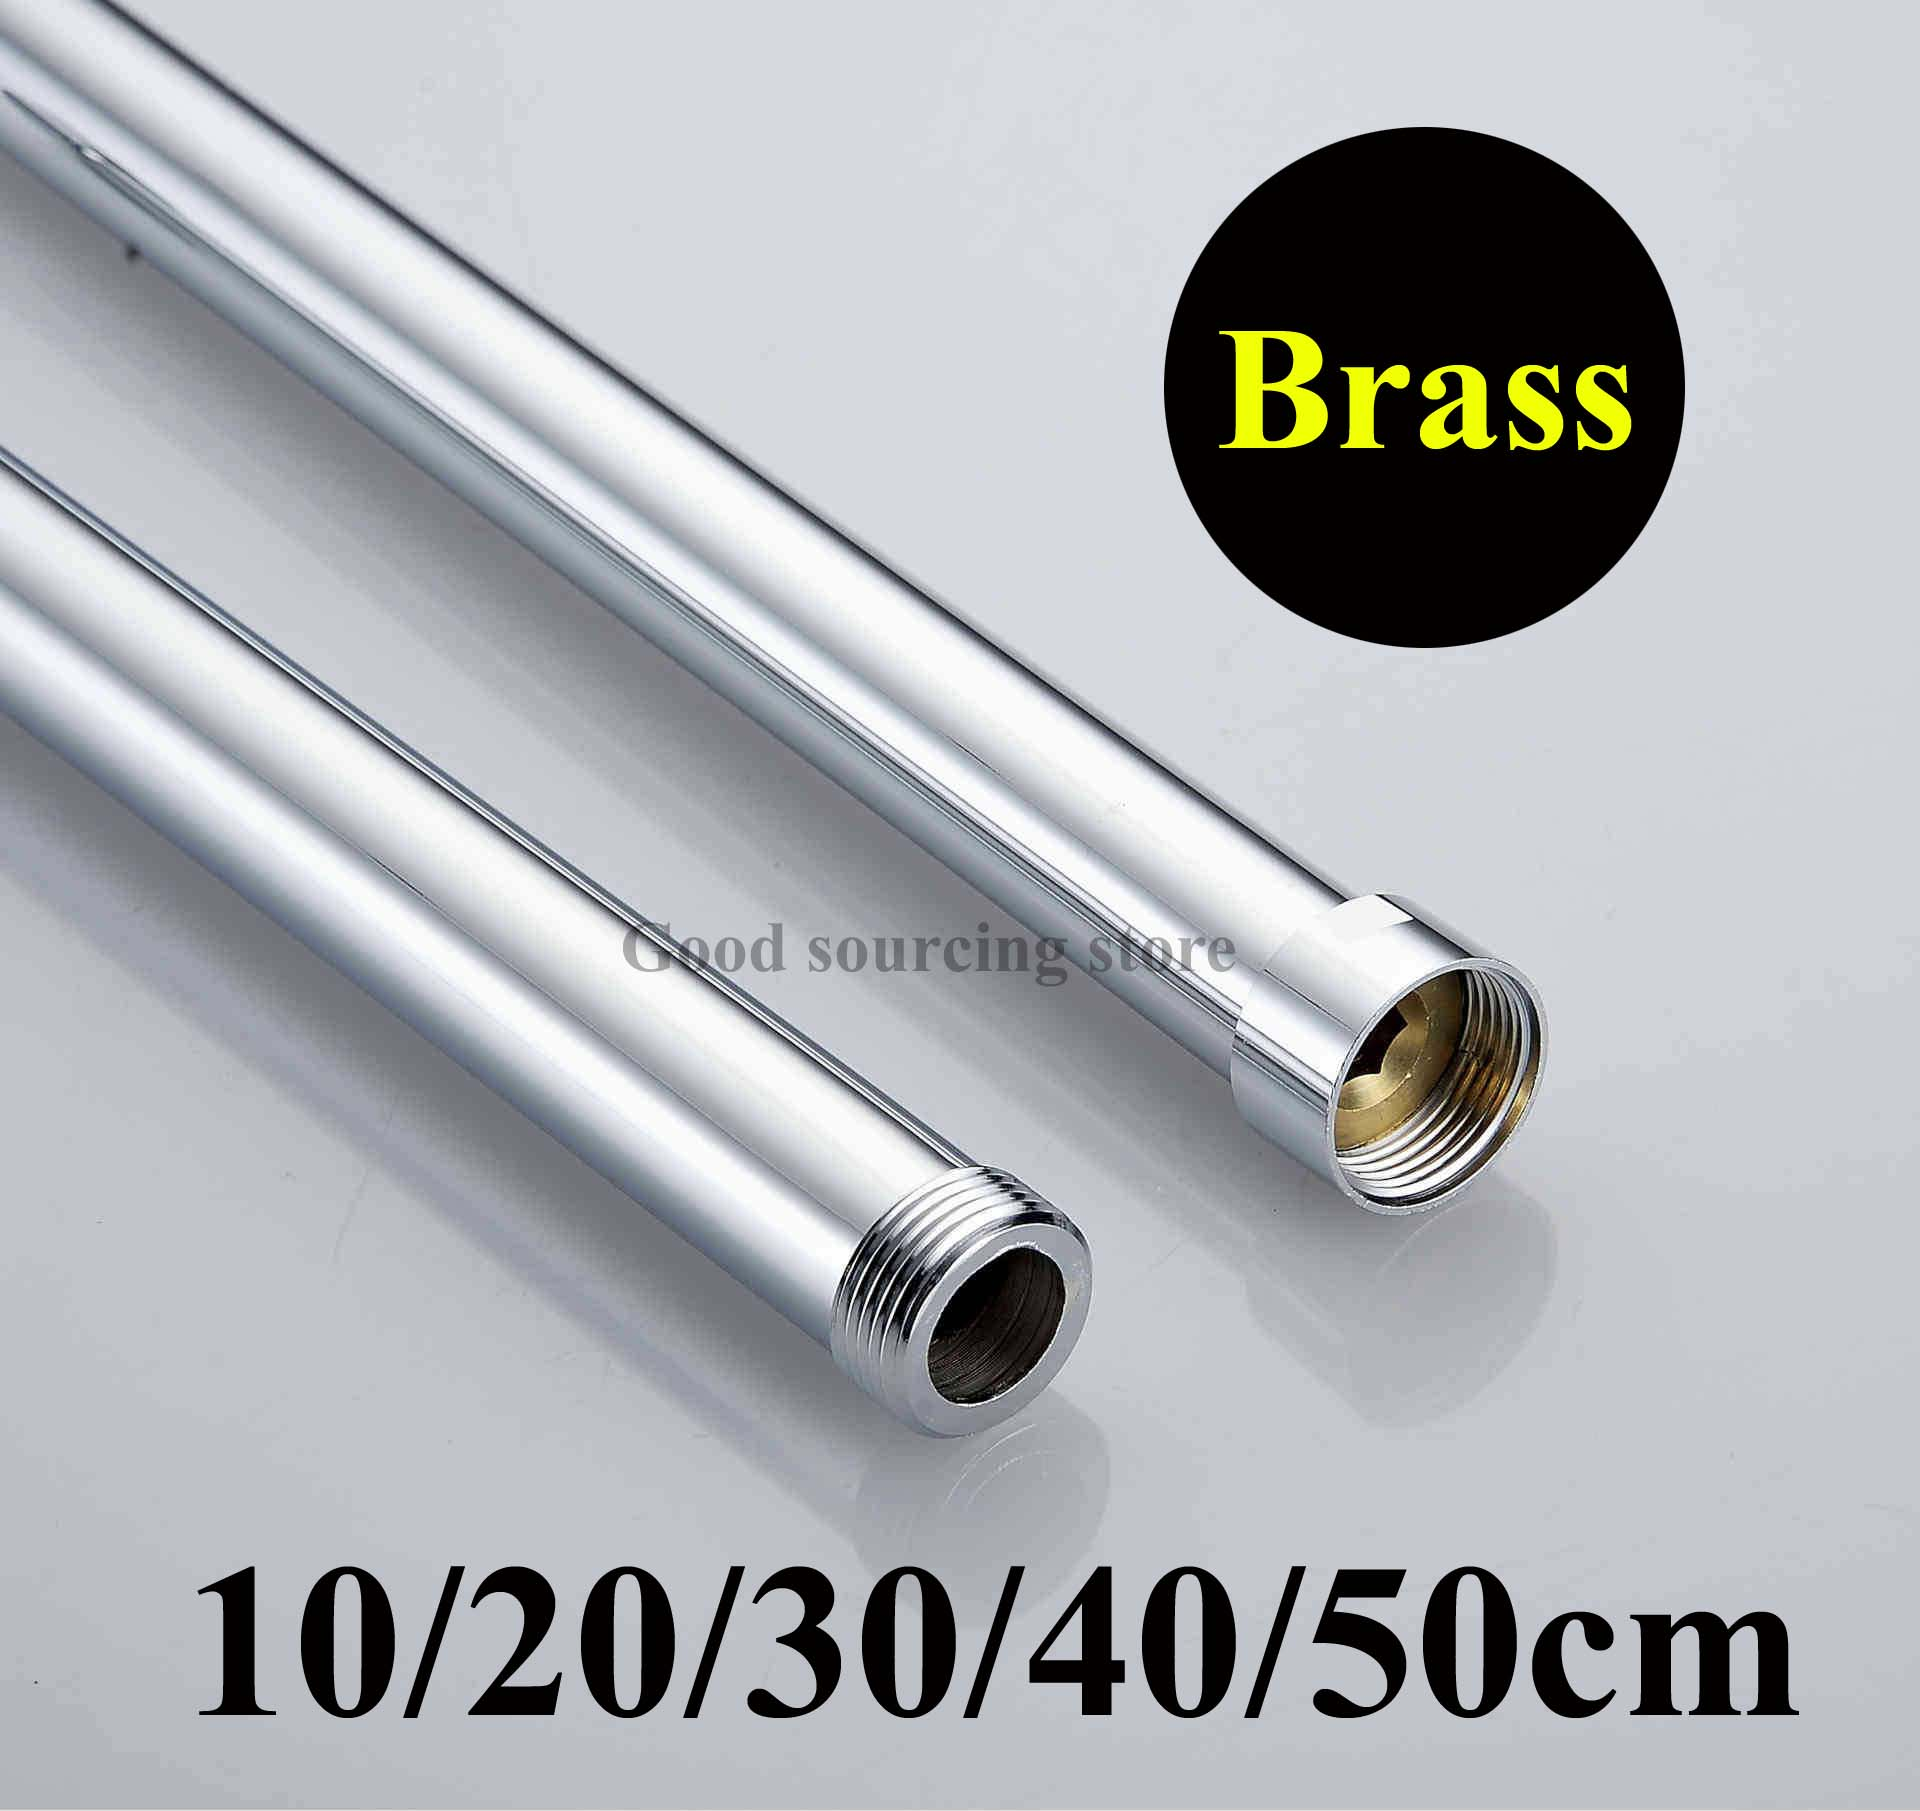 10/20/30/40/50cm Brass Shower Extension Rod Tube Bar Pipe